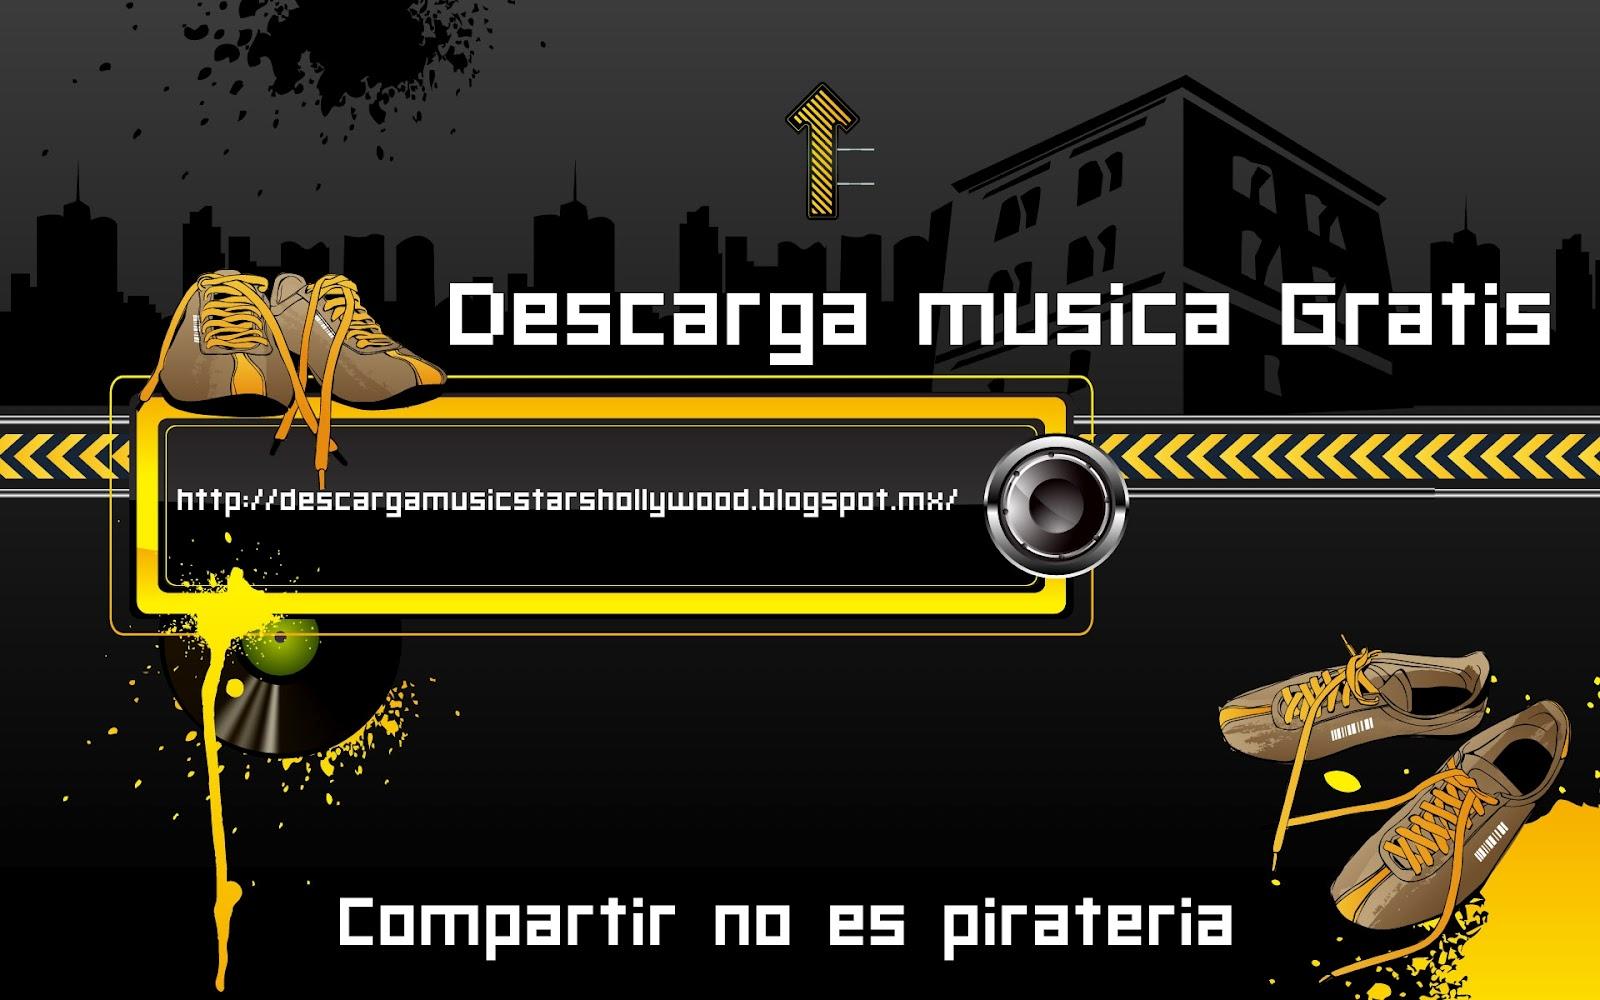 gratis musica descarga: